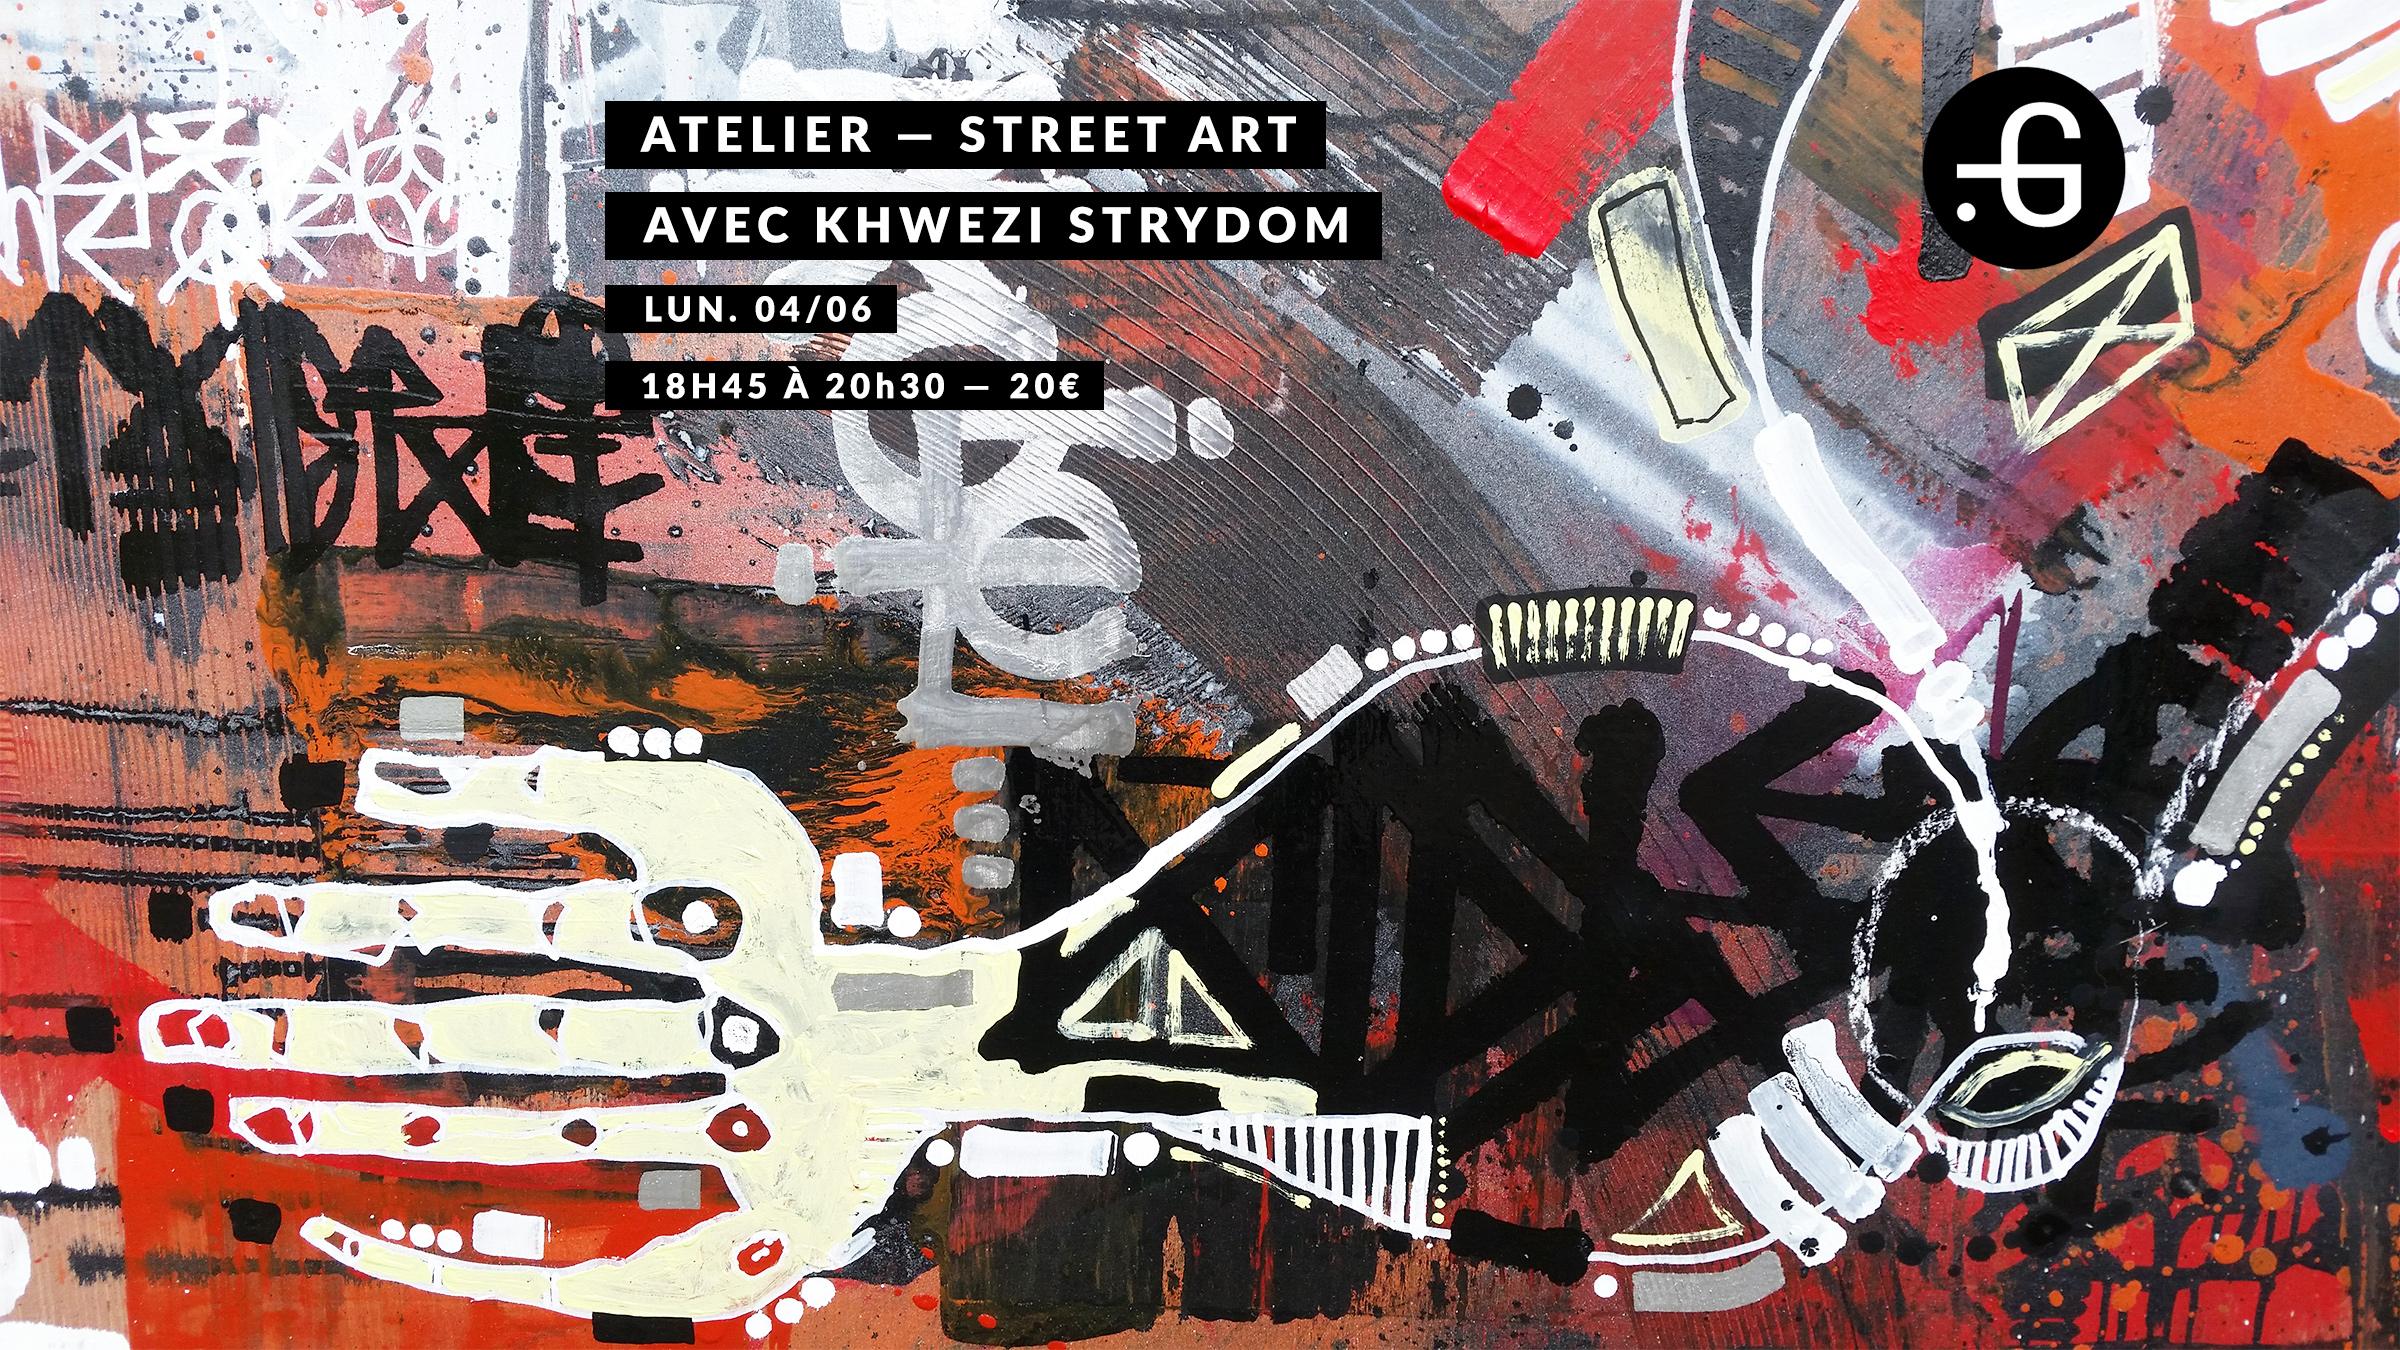 Atelier de street-art avec Khwezi Strydom à la Taverne Gutenberg